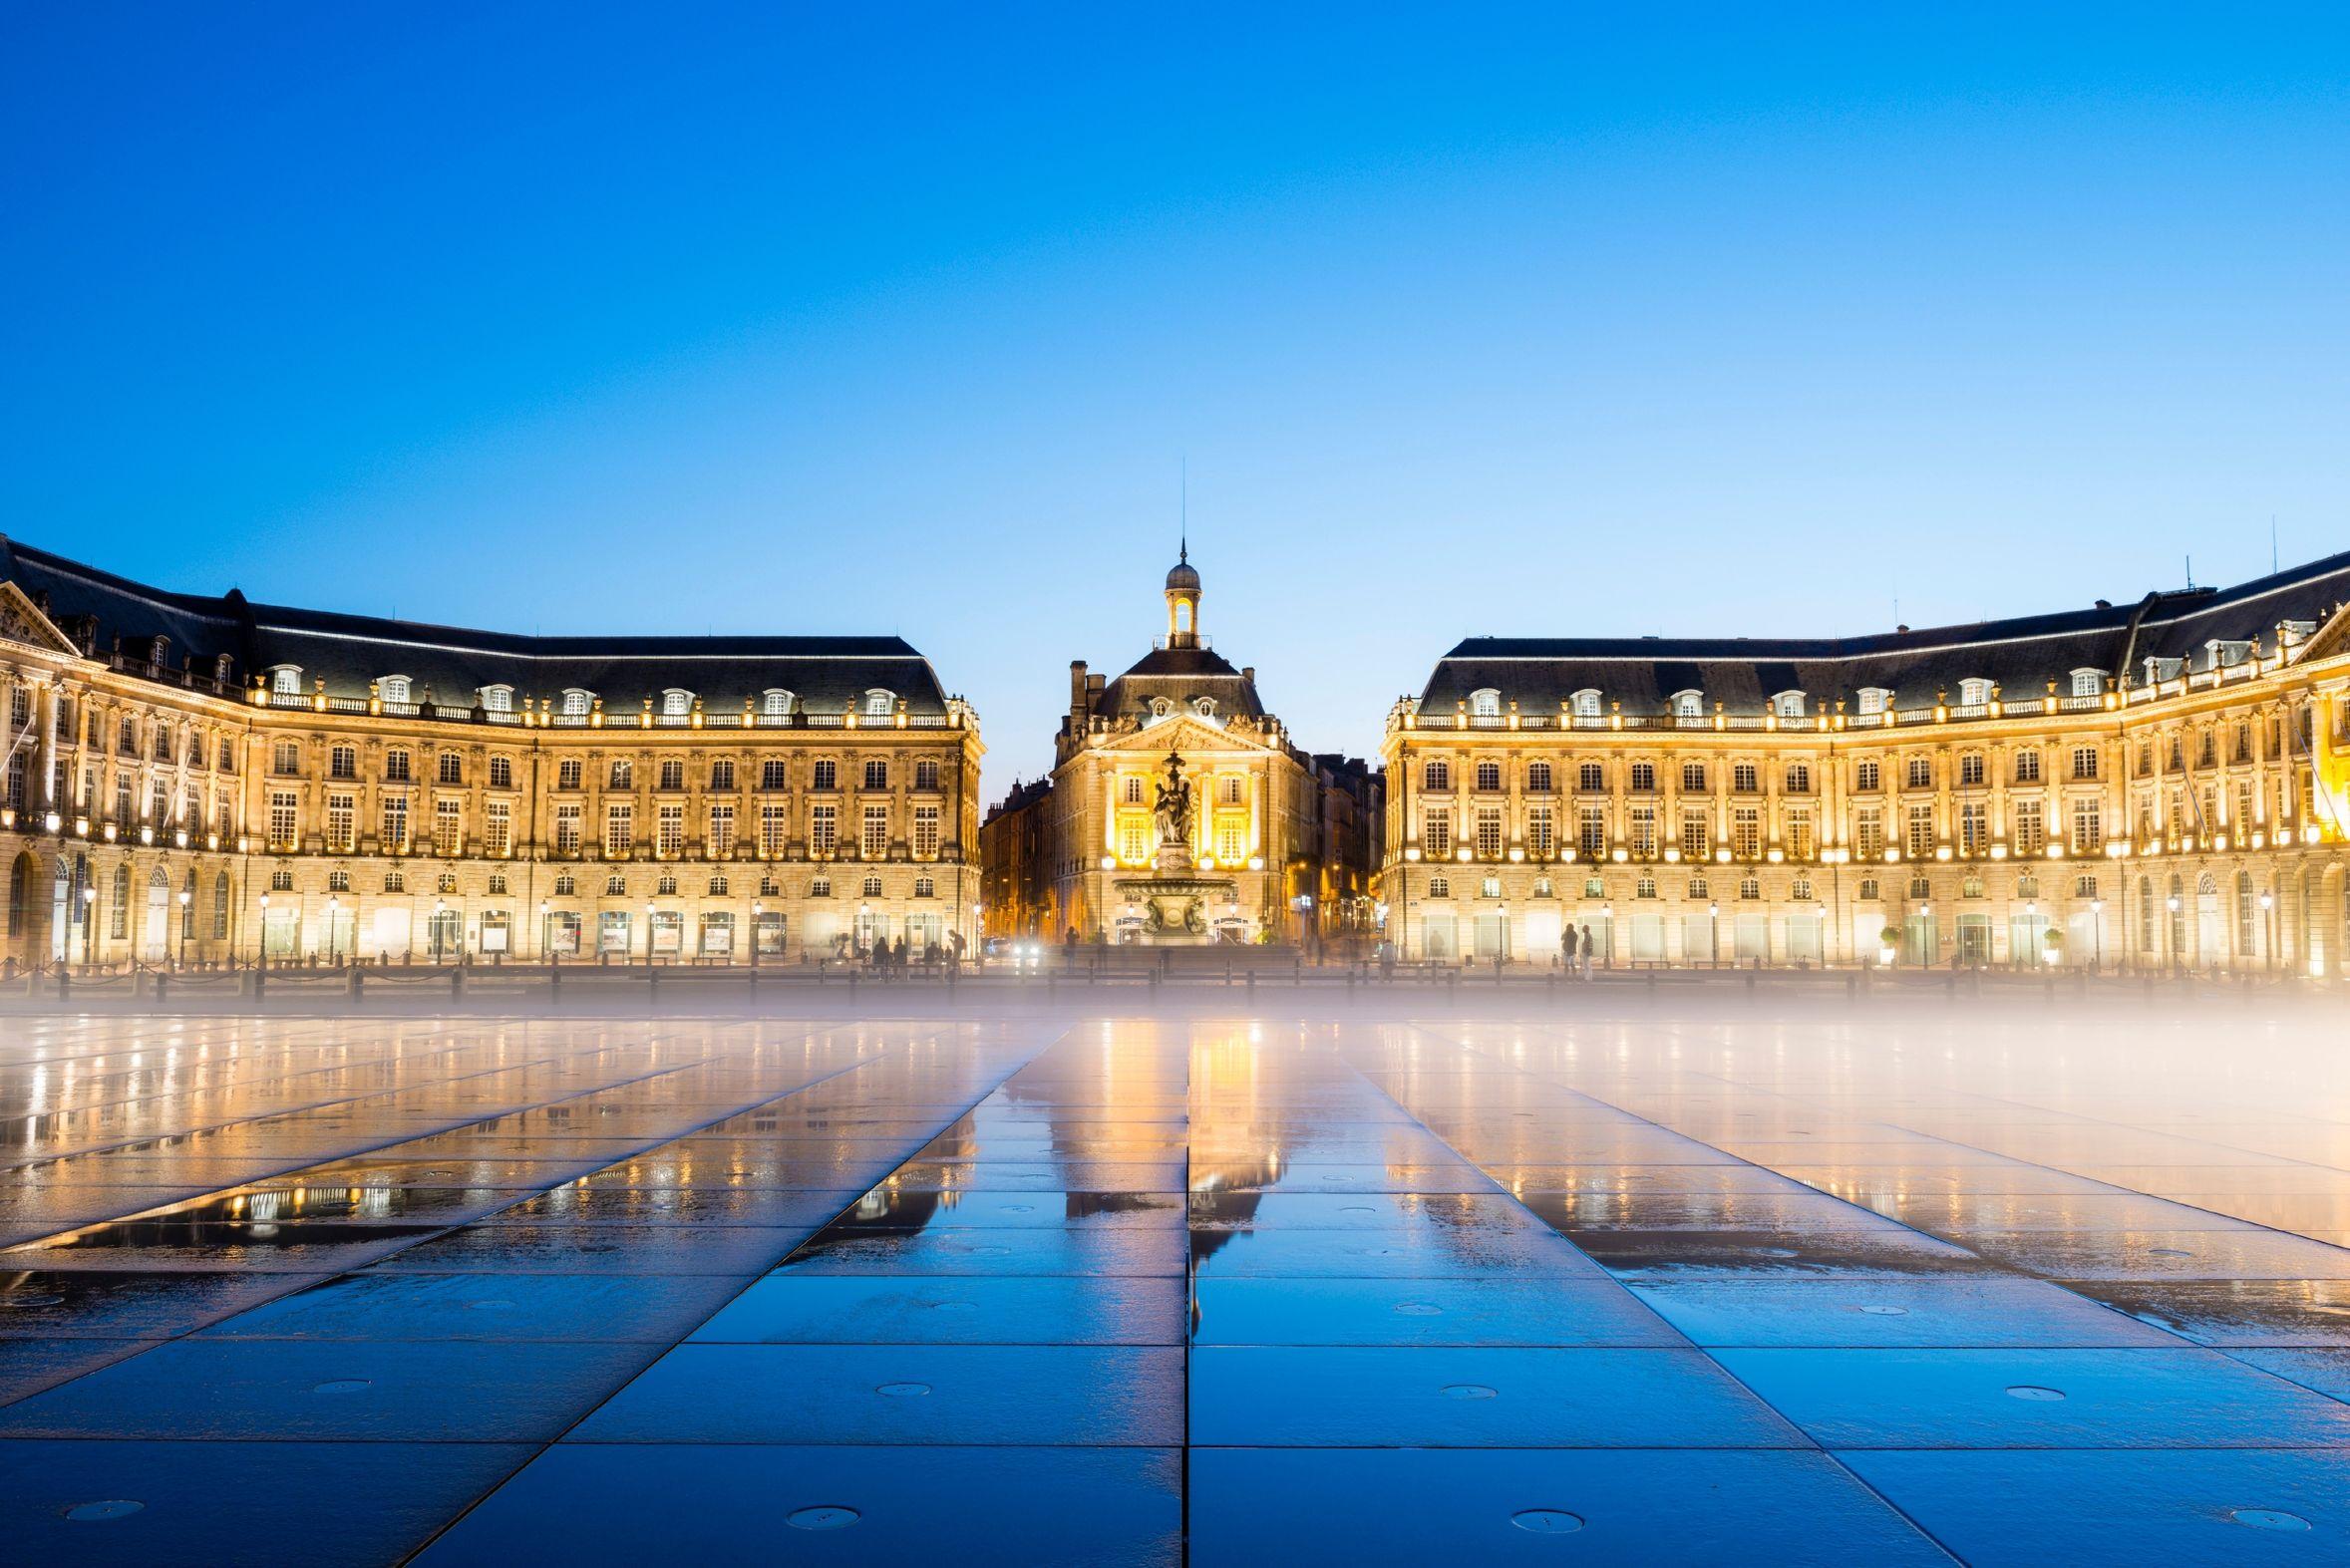 Cosa vedere a Bordeaux: place de la bourse